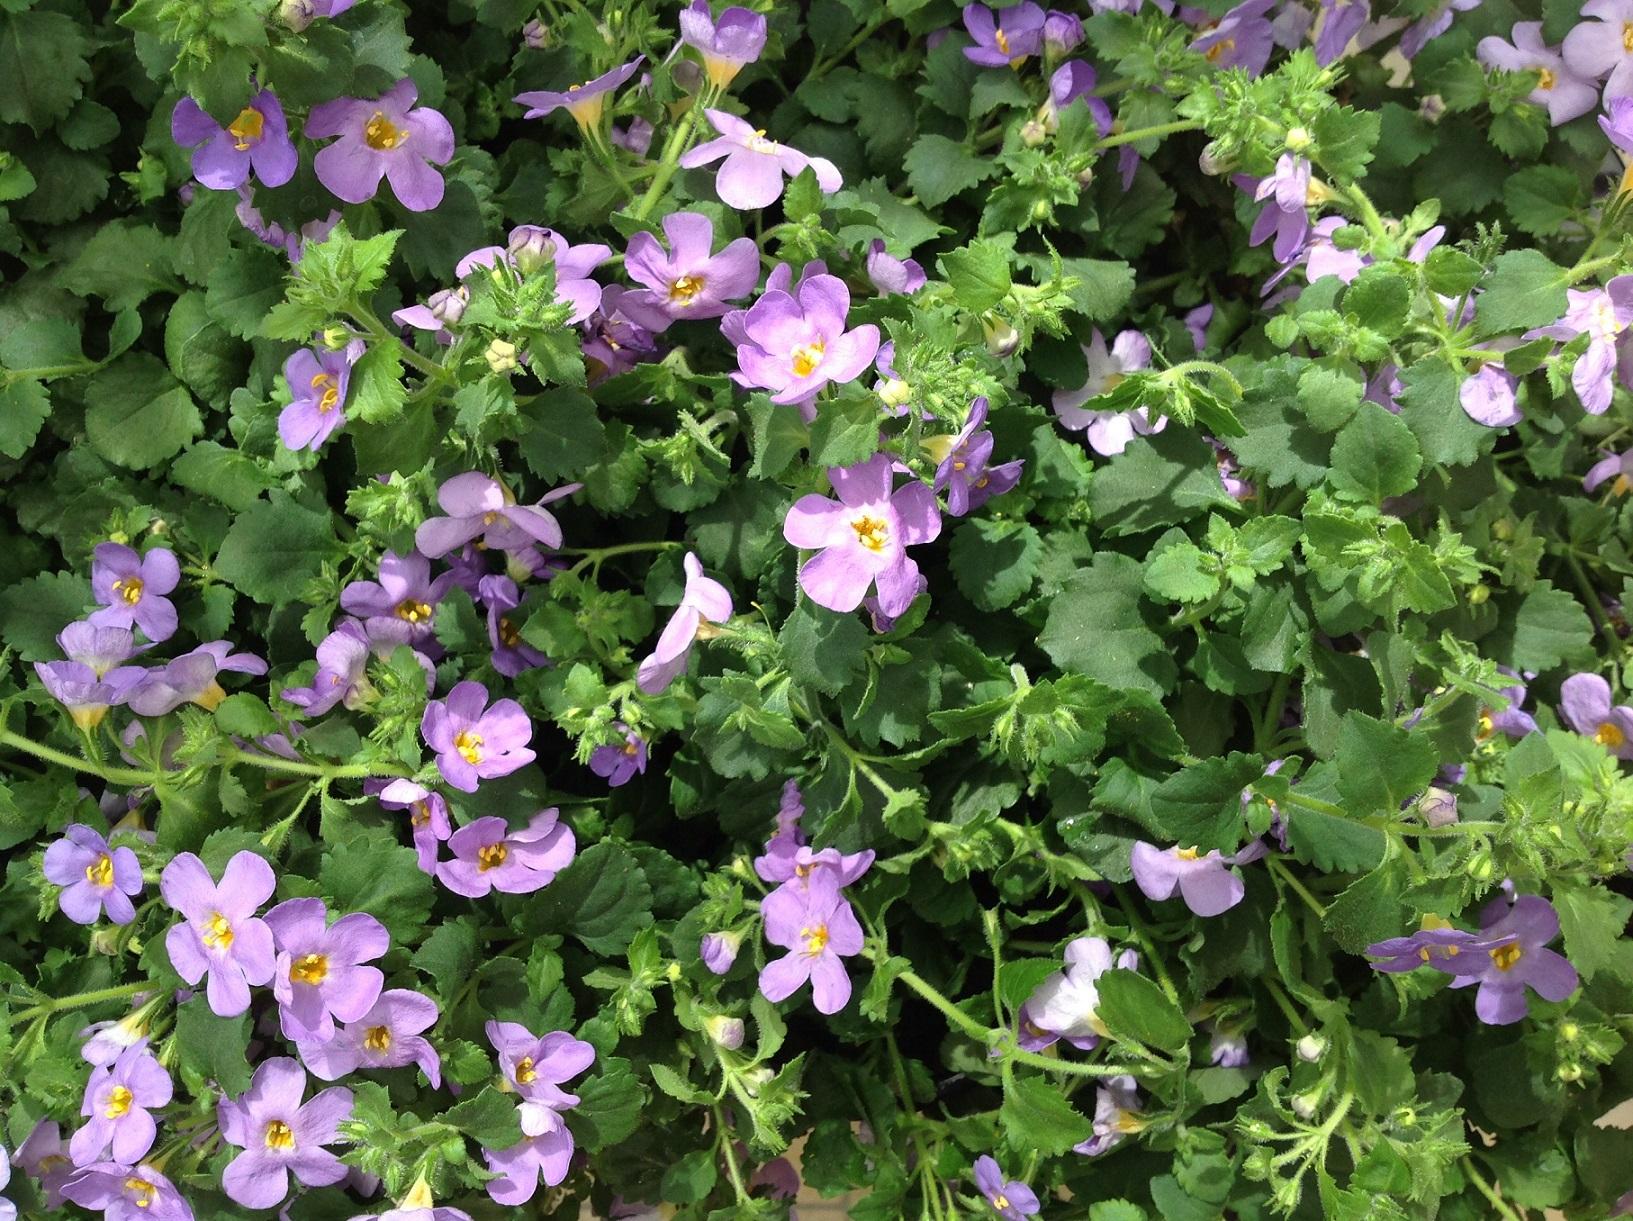 Großartig Blumen Mai Das Beste Von Im Jeden Mittwoch Auch Am Nachmittag Offen!